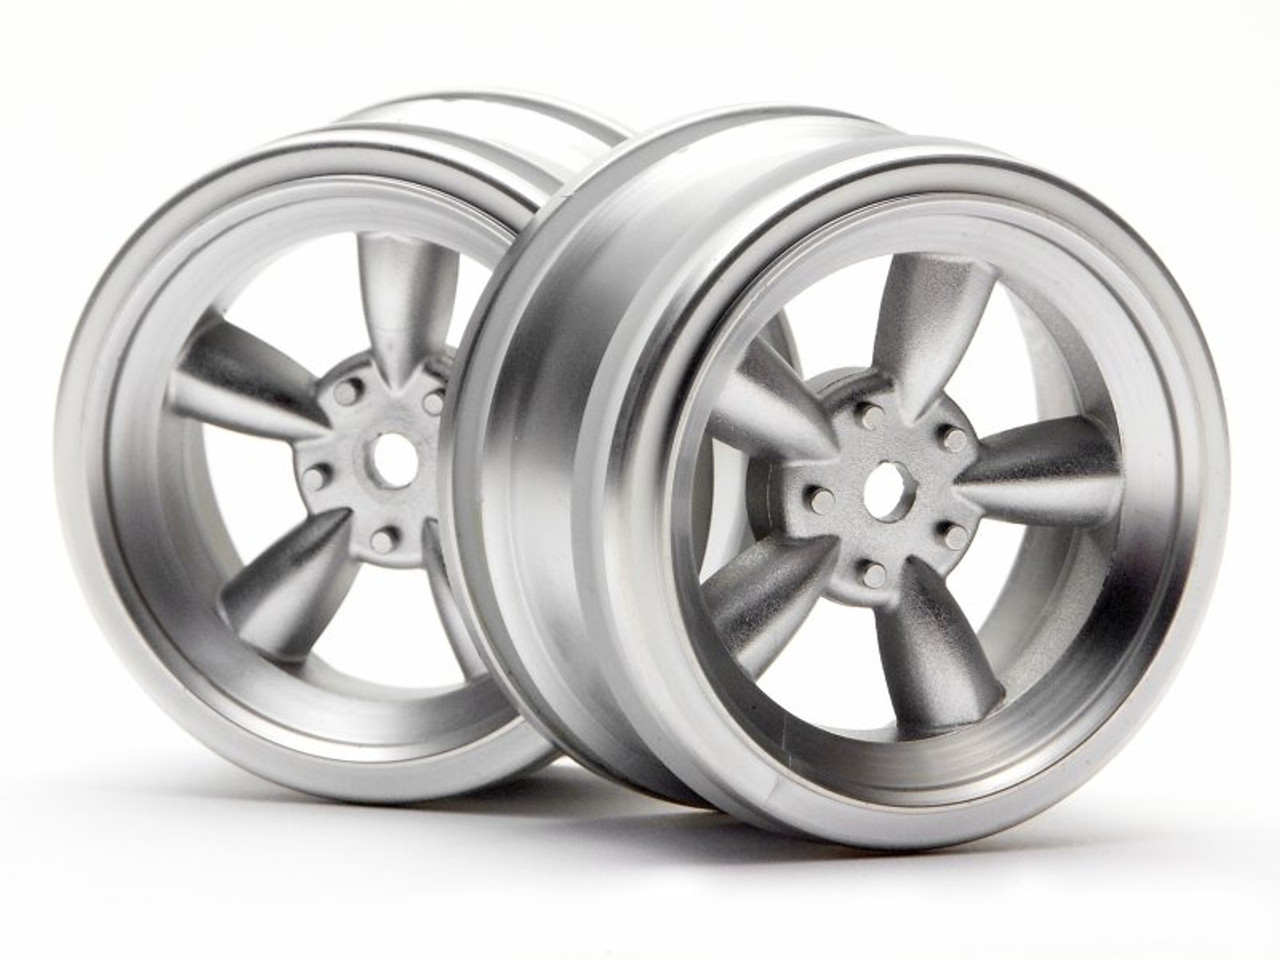 HPI 3815 - Vintage 5 Spoke Wheel 26mm Matte Chrome 0mm Offset